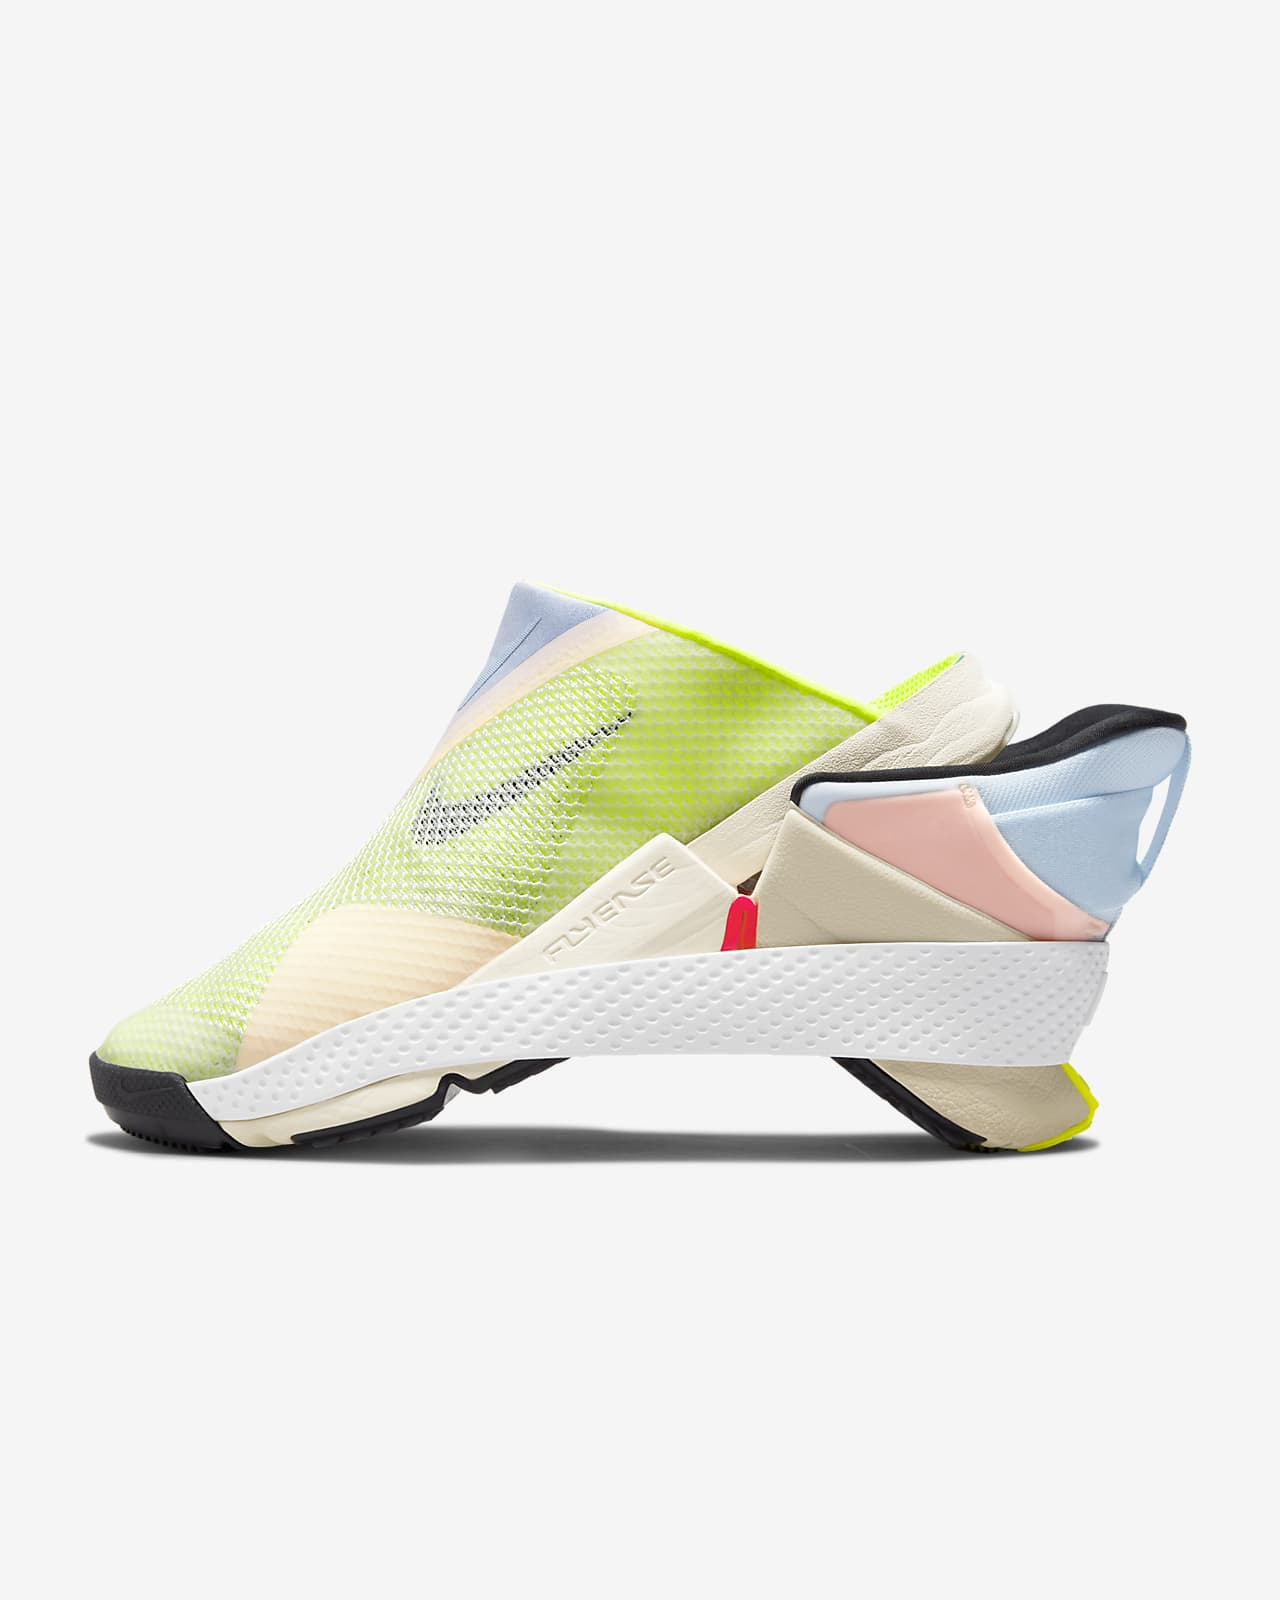 Calzado Nike Go FlyEase